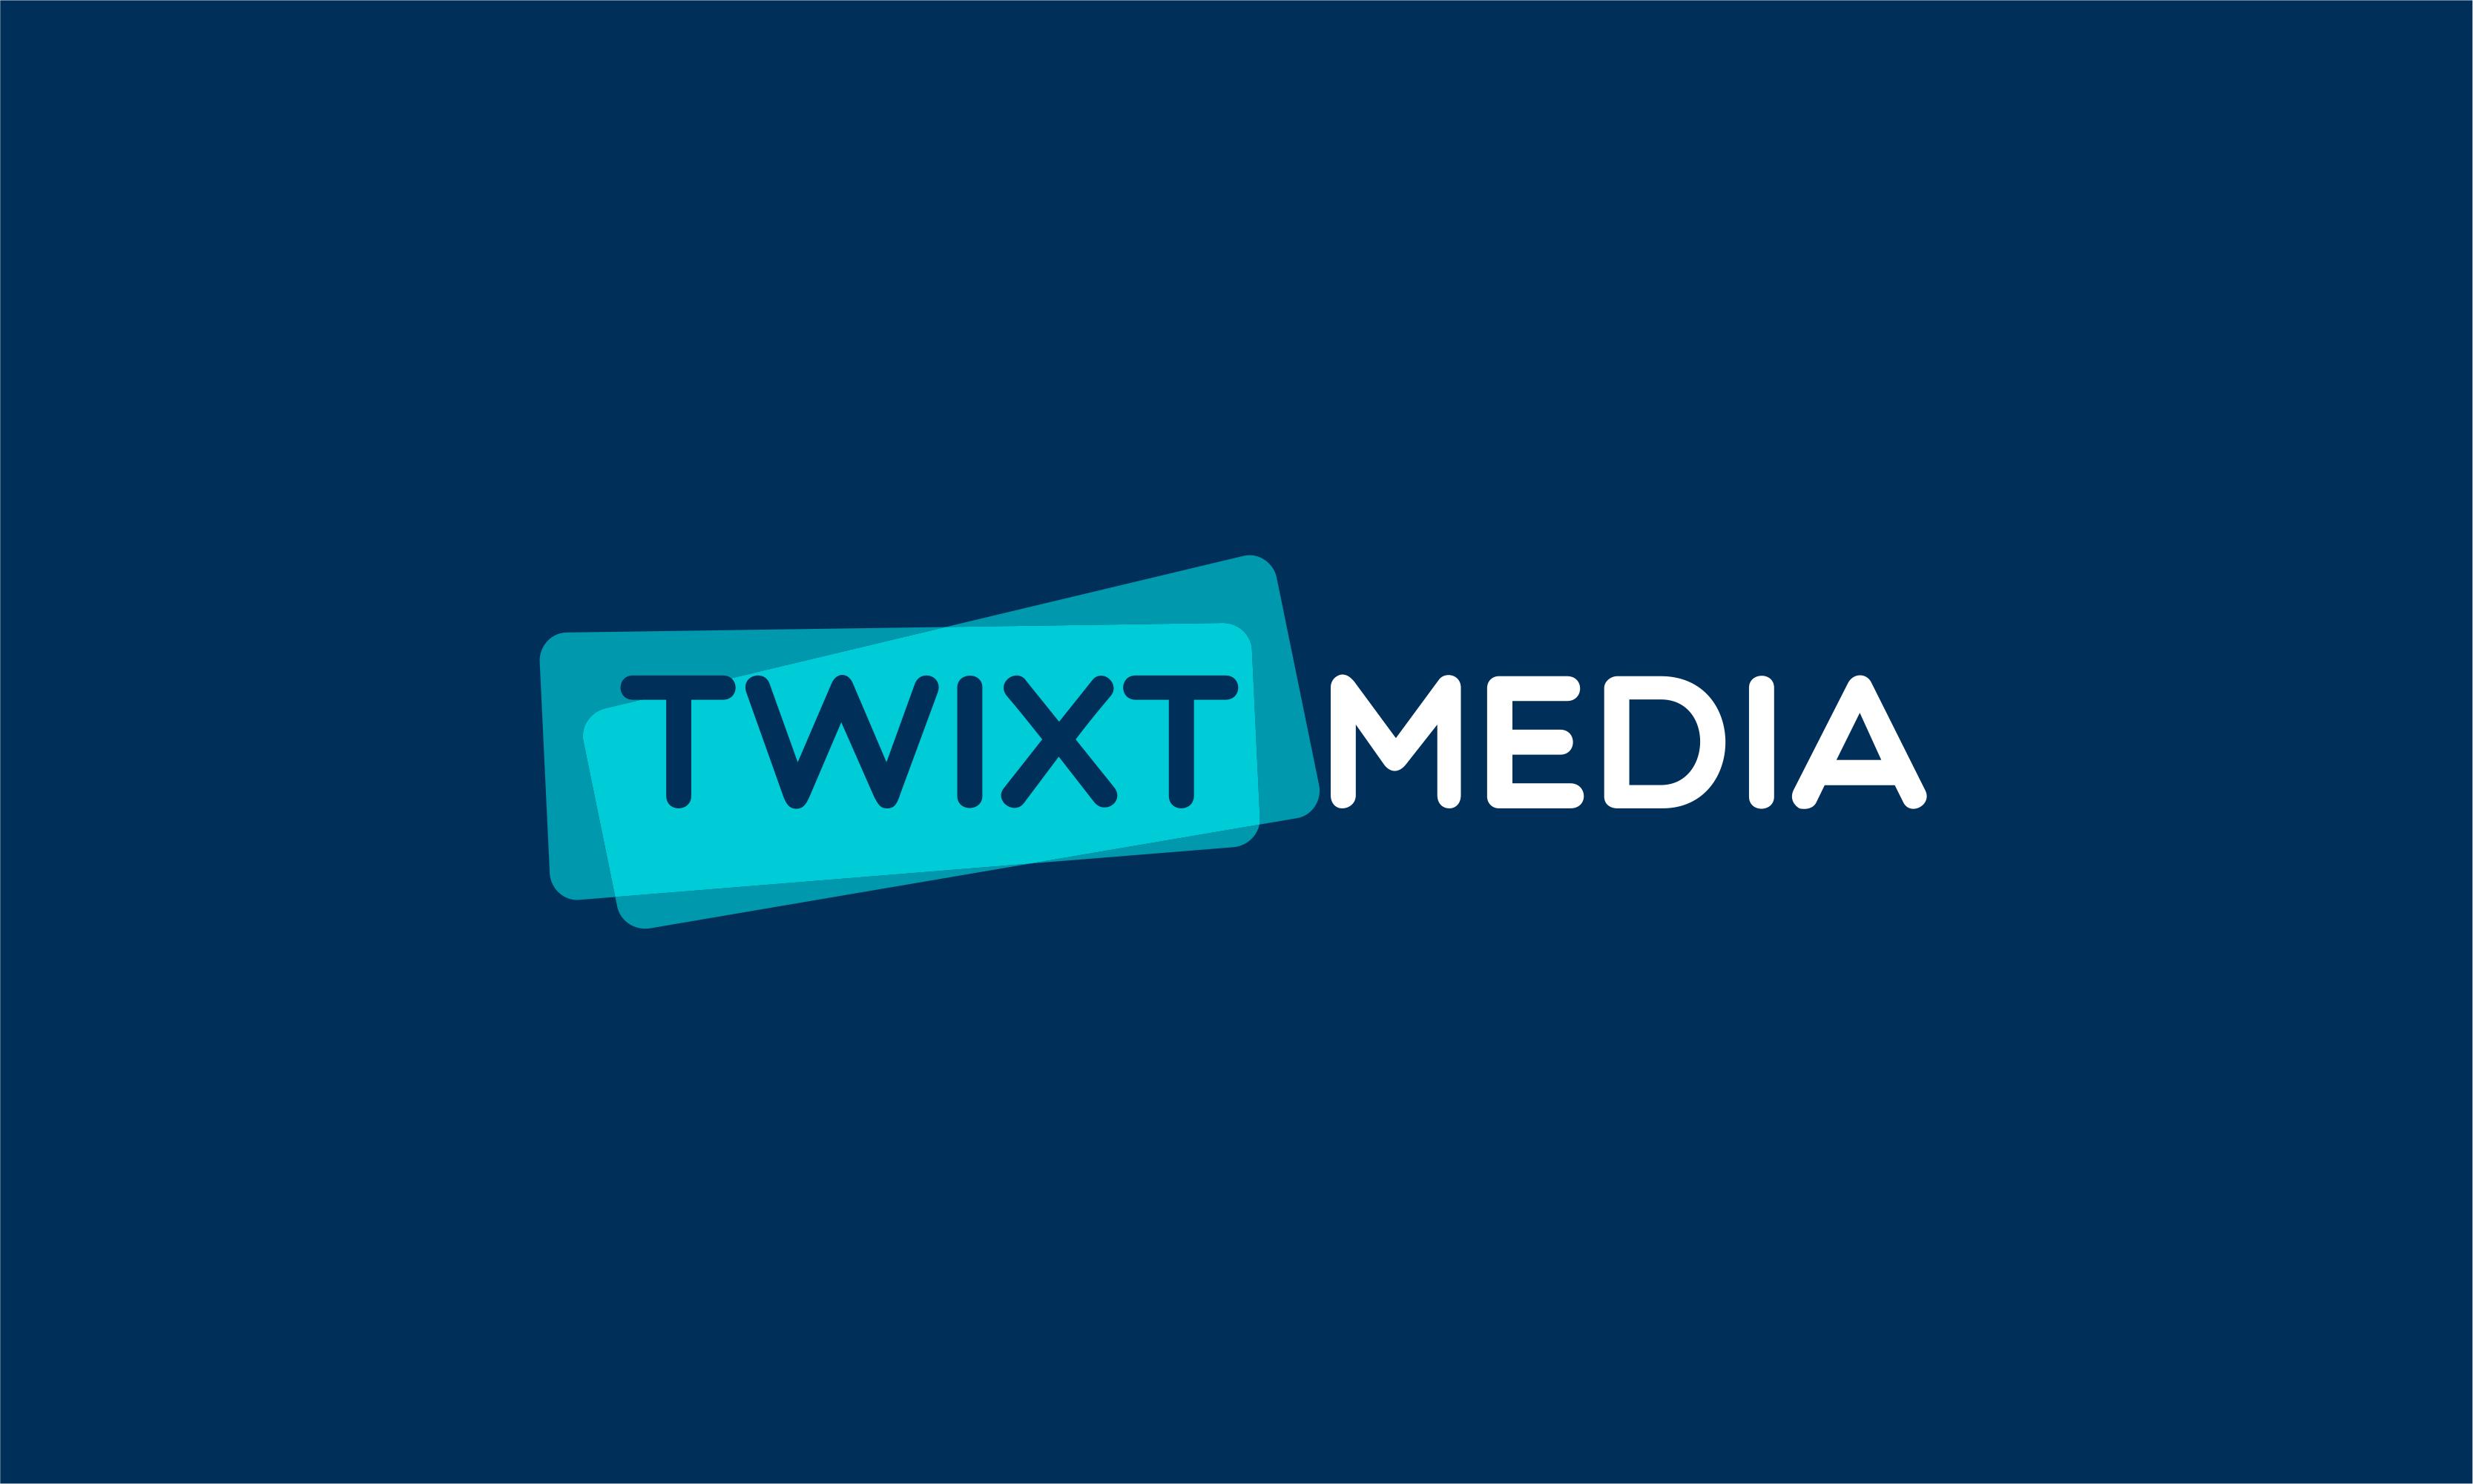 Twixtmedia